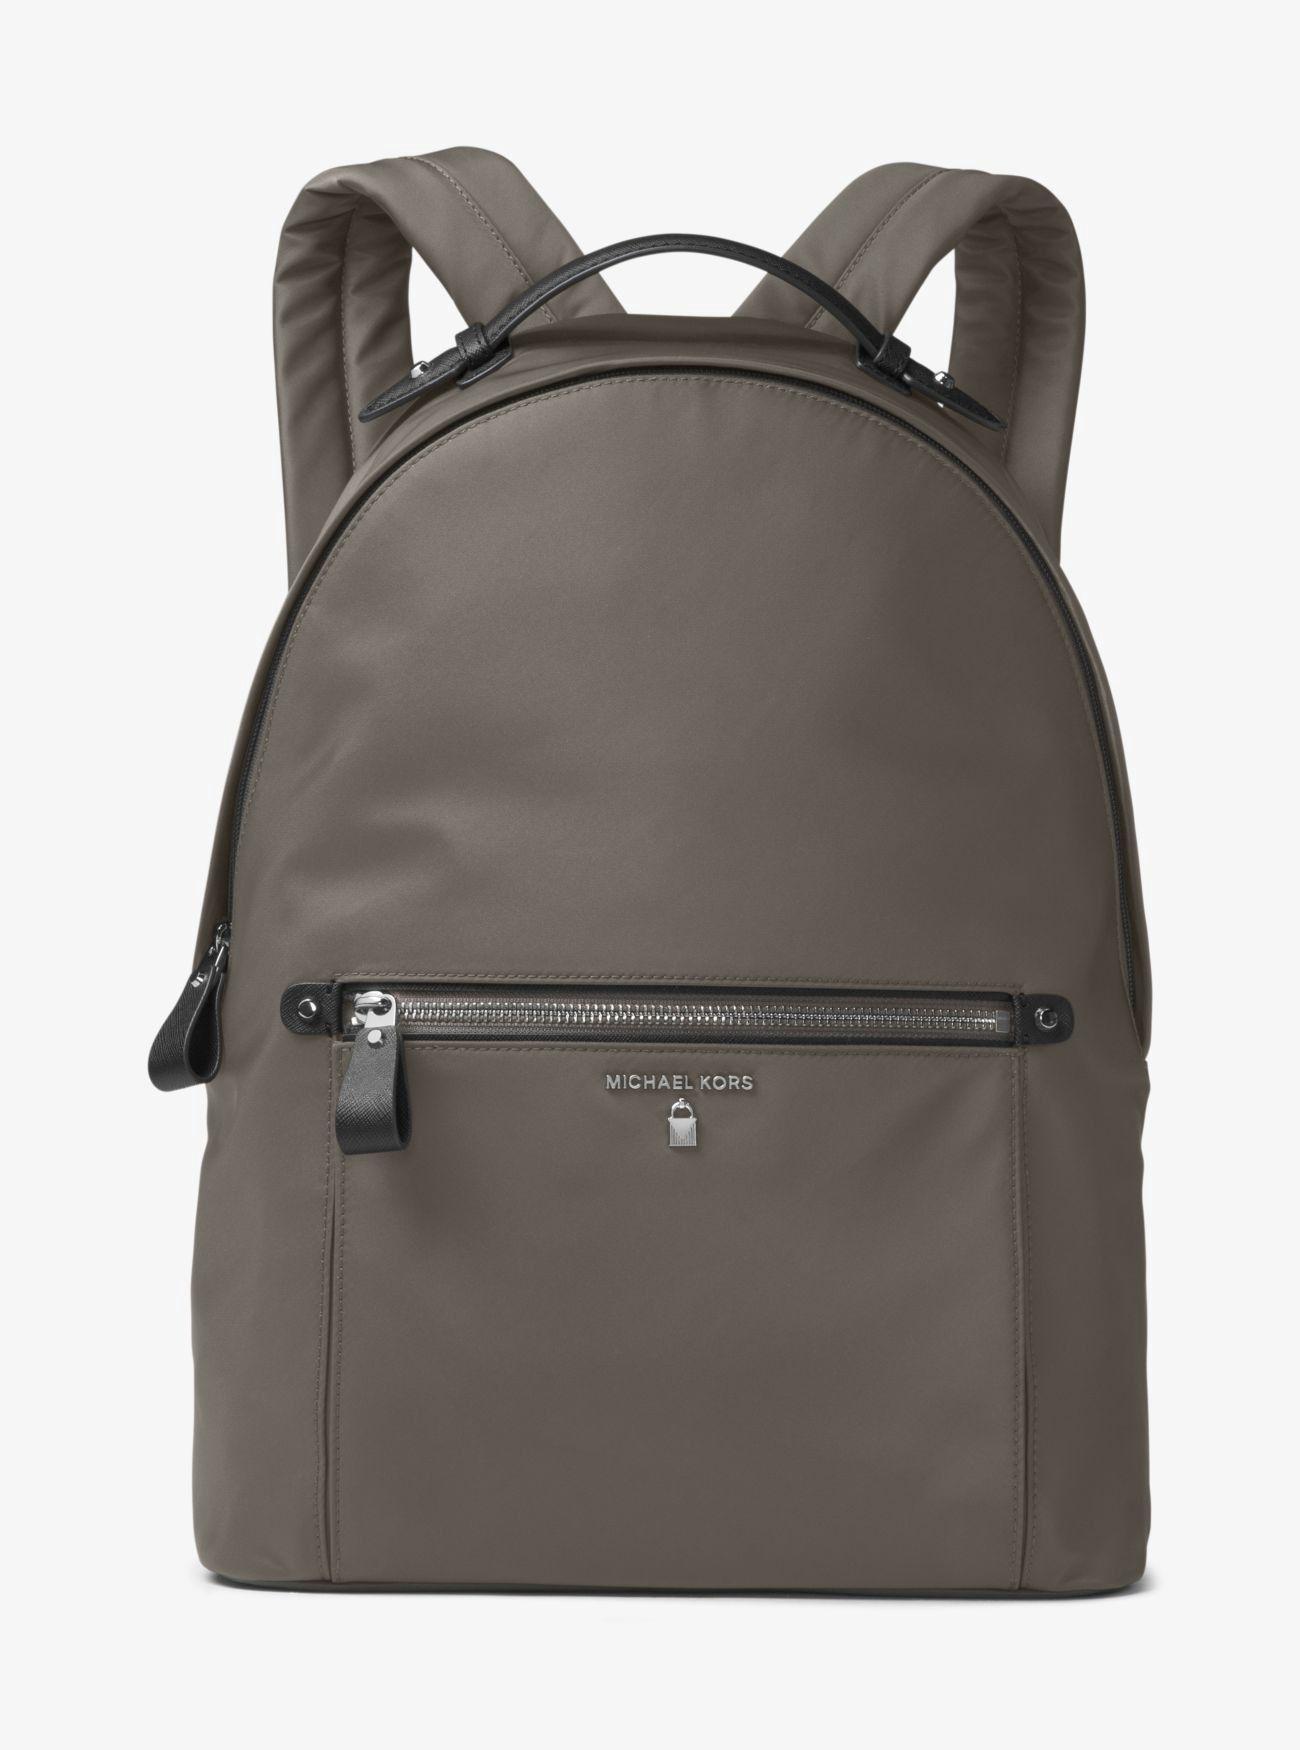 MICHAEL KORS Kelsey Nylon Backpack.  michaelkors  bags  leather  nylon   backpacks   0c23afe5a5e8a